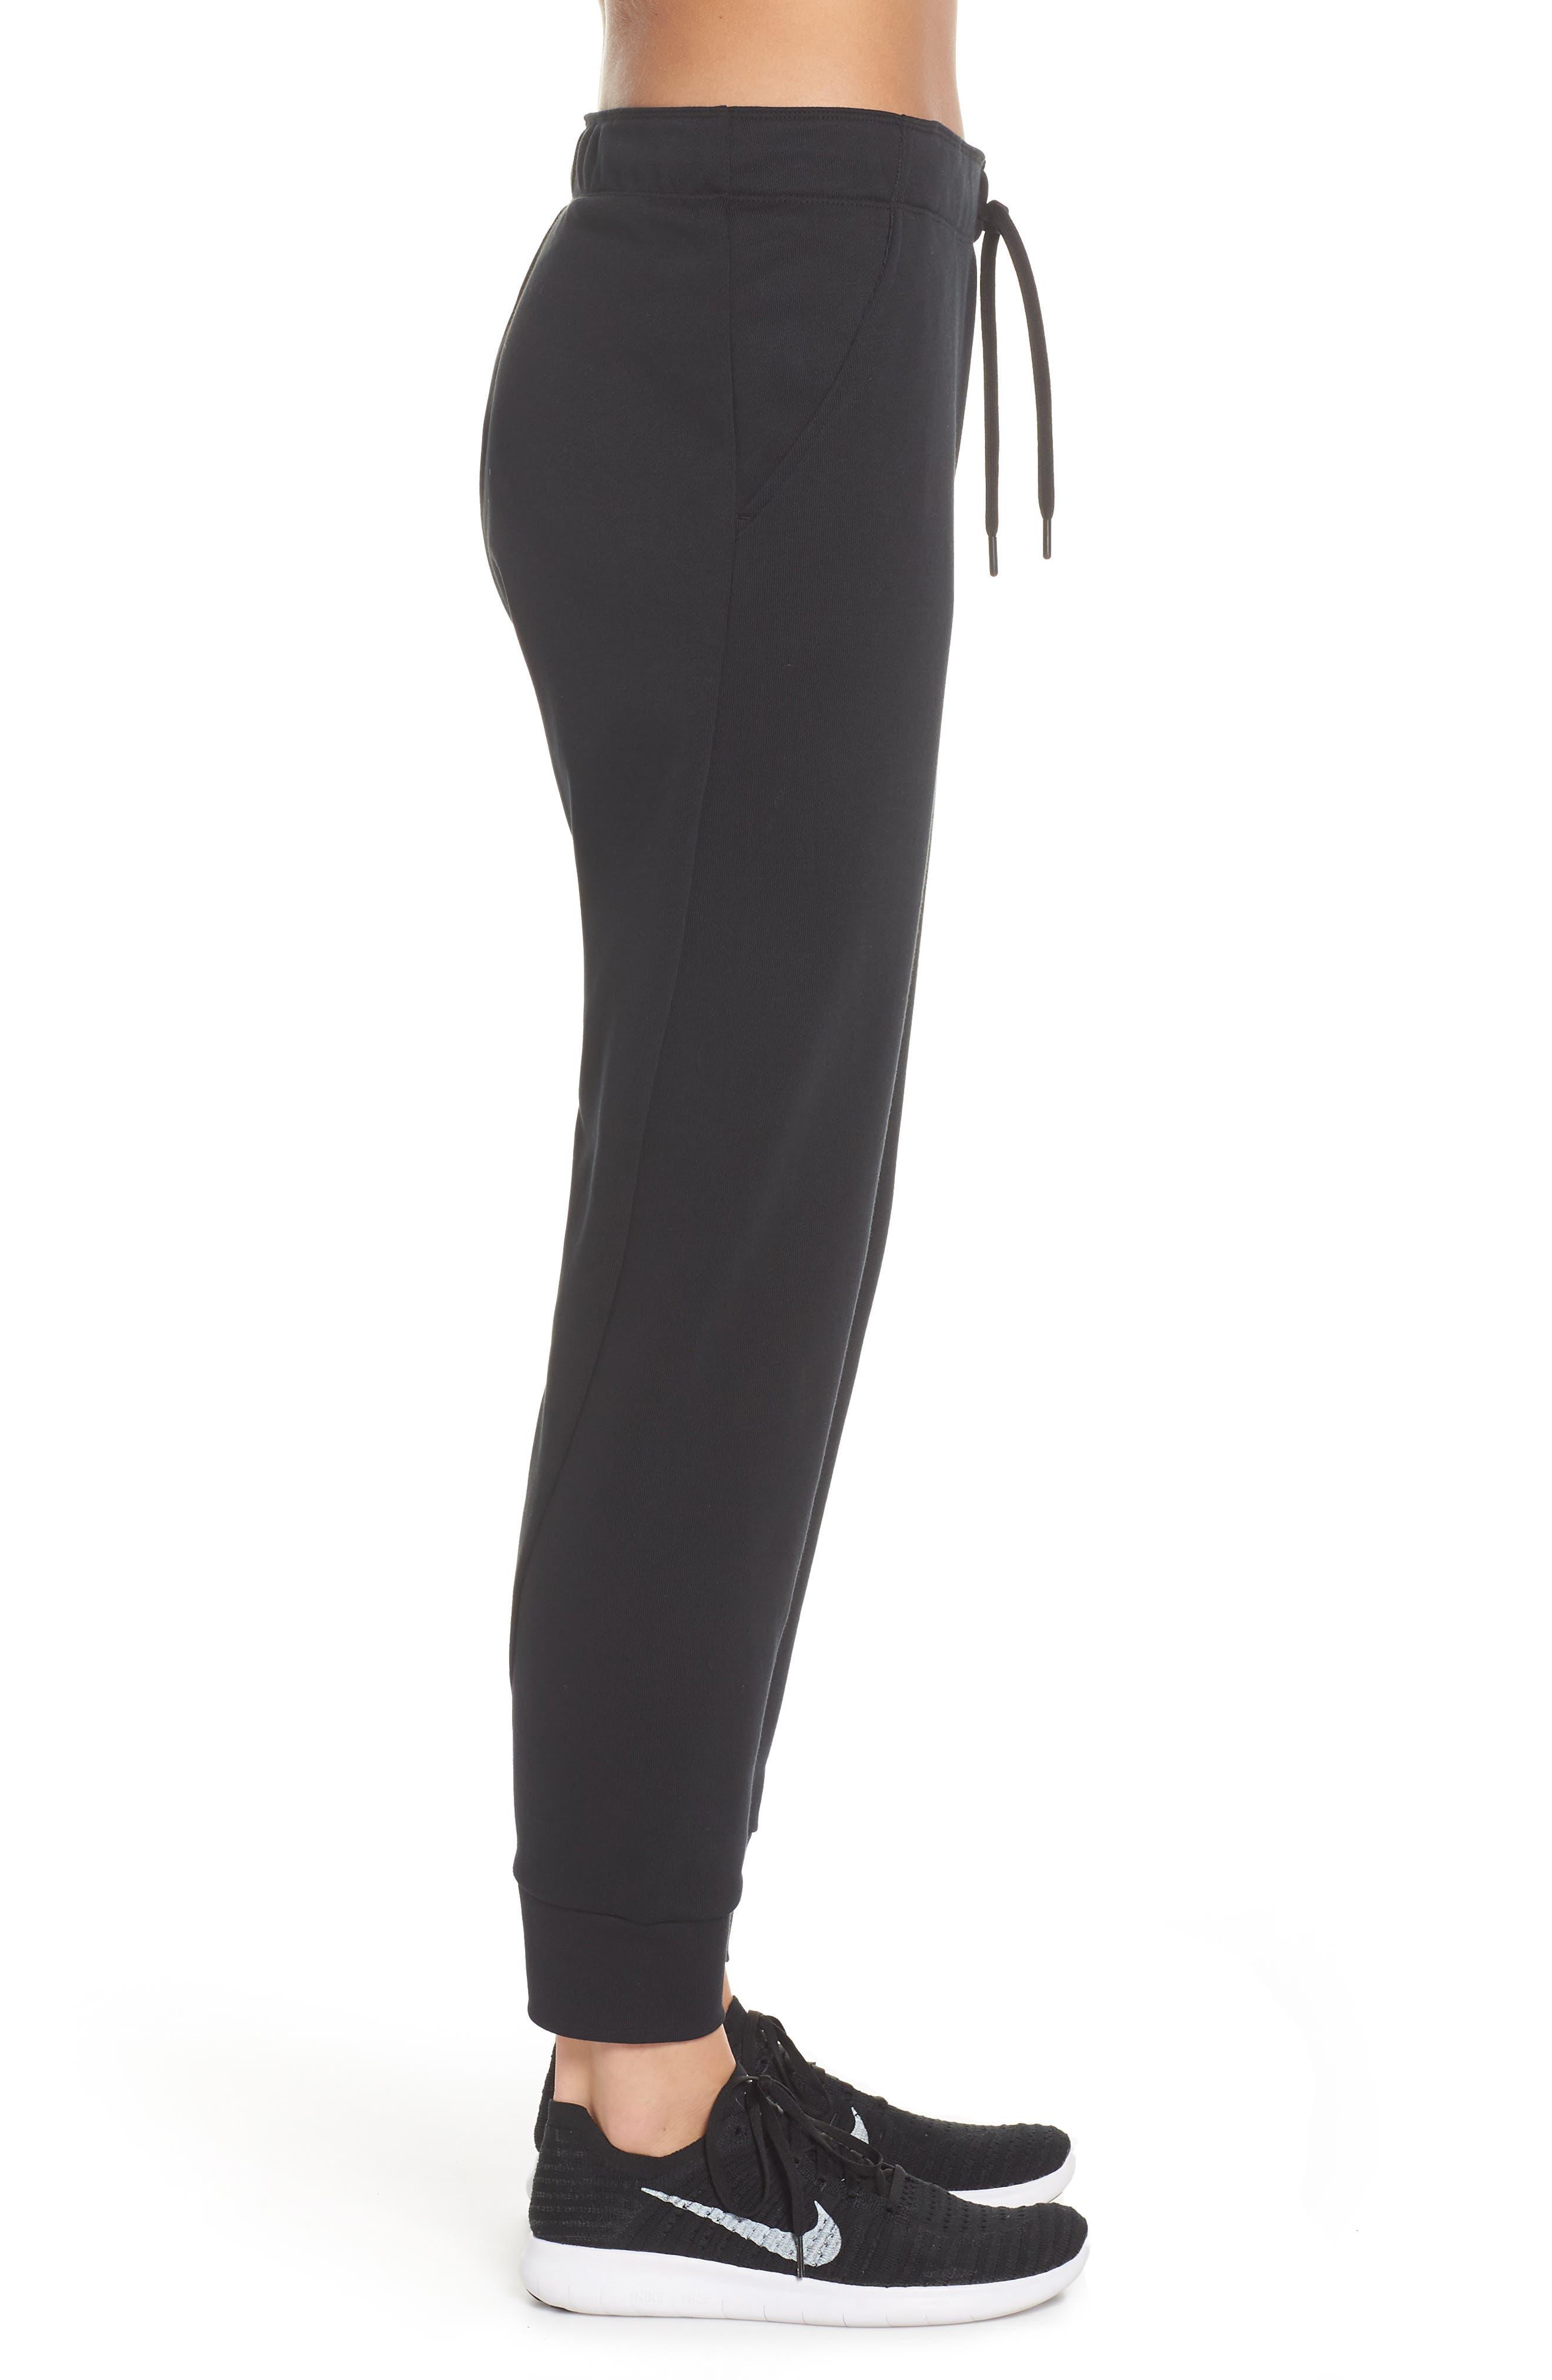 Tapered Training Pants,                             Alternate thumbnail 3, color,                             BLACK/ BLACK